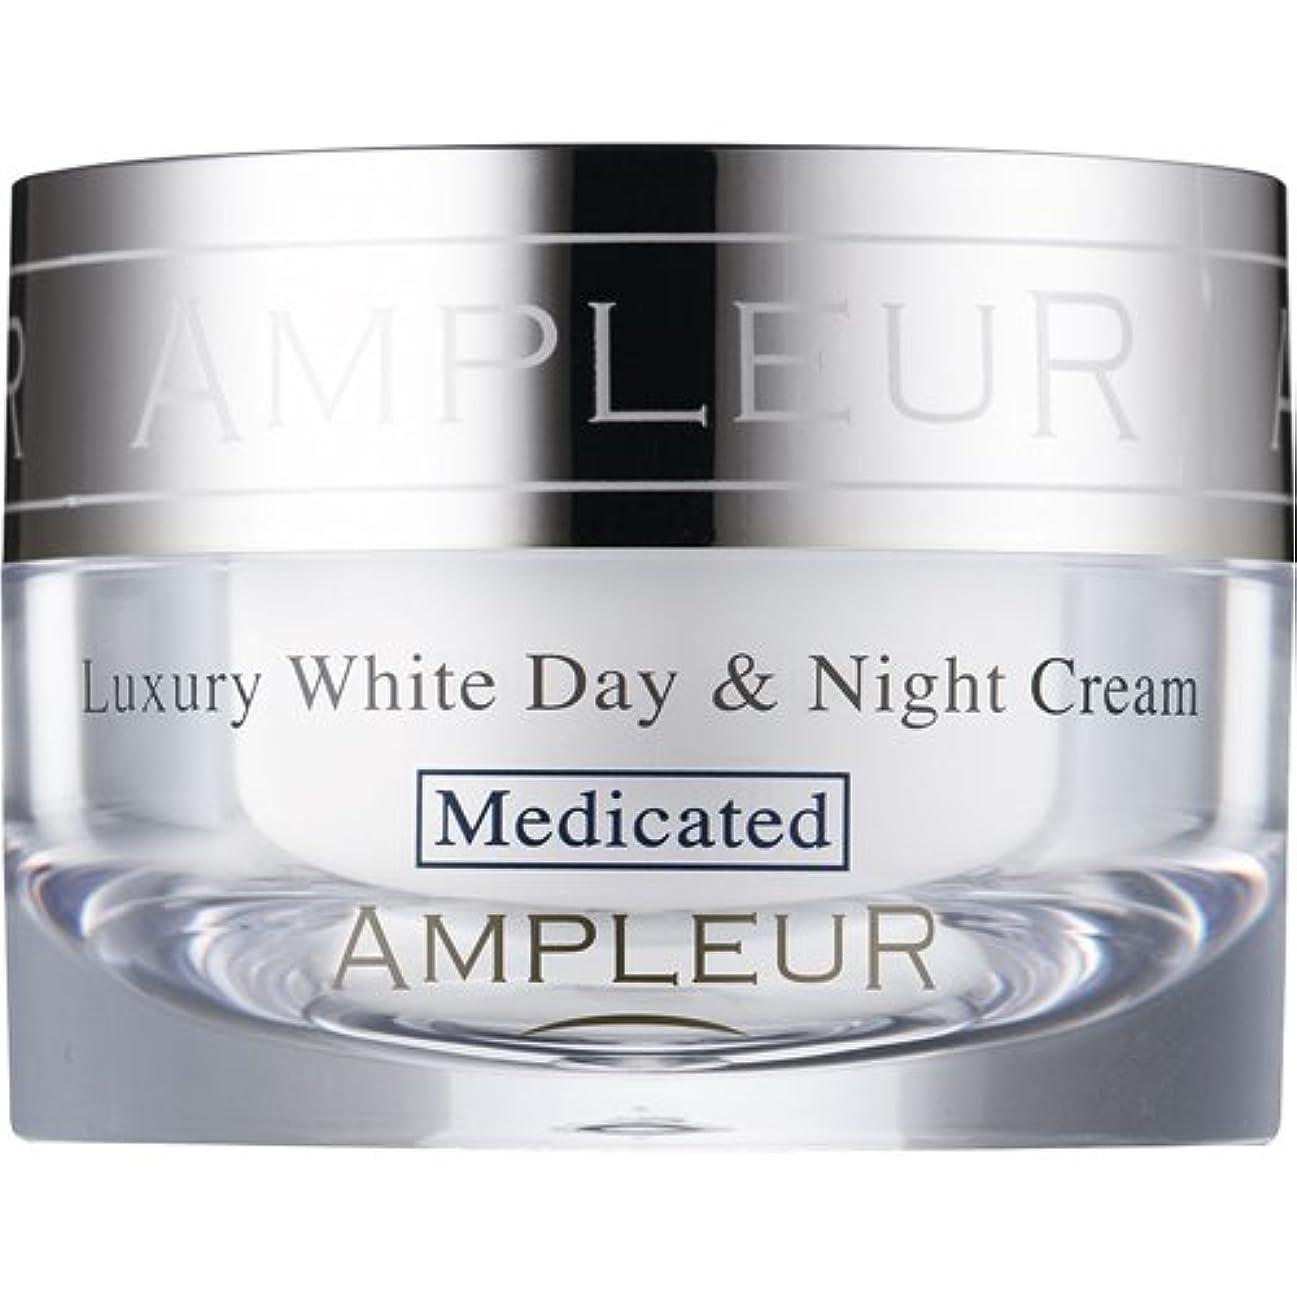 敬意を表する分散チーフAMPLEUR(アンプルール) ラグジュアリーホワイト 薬用デイ&ナイトクリーム 30g